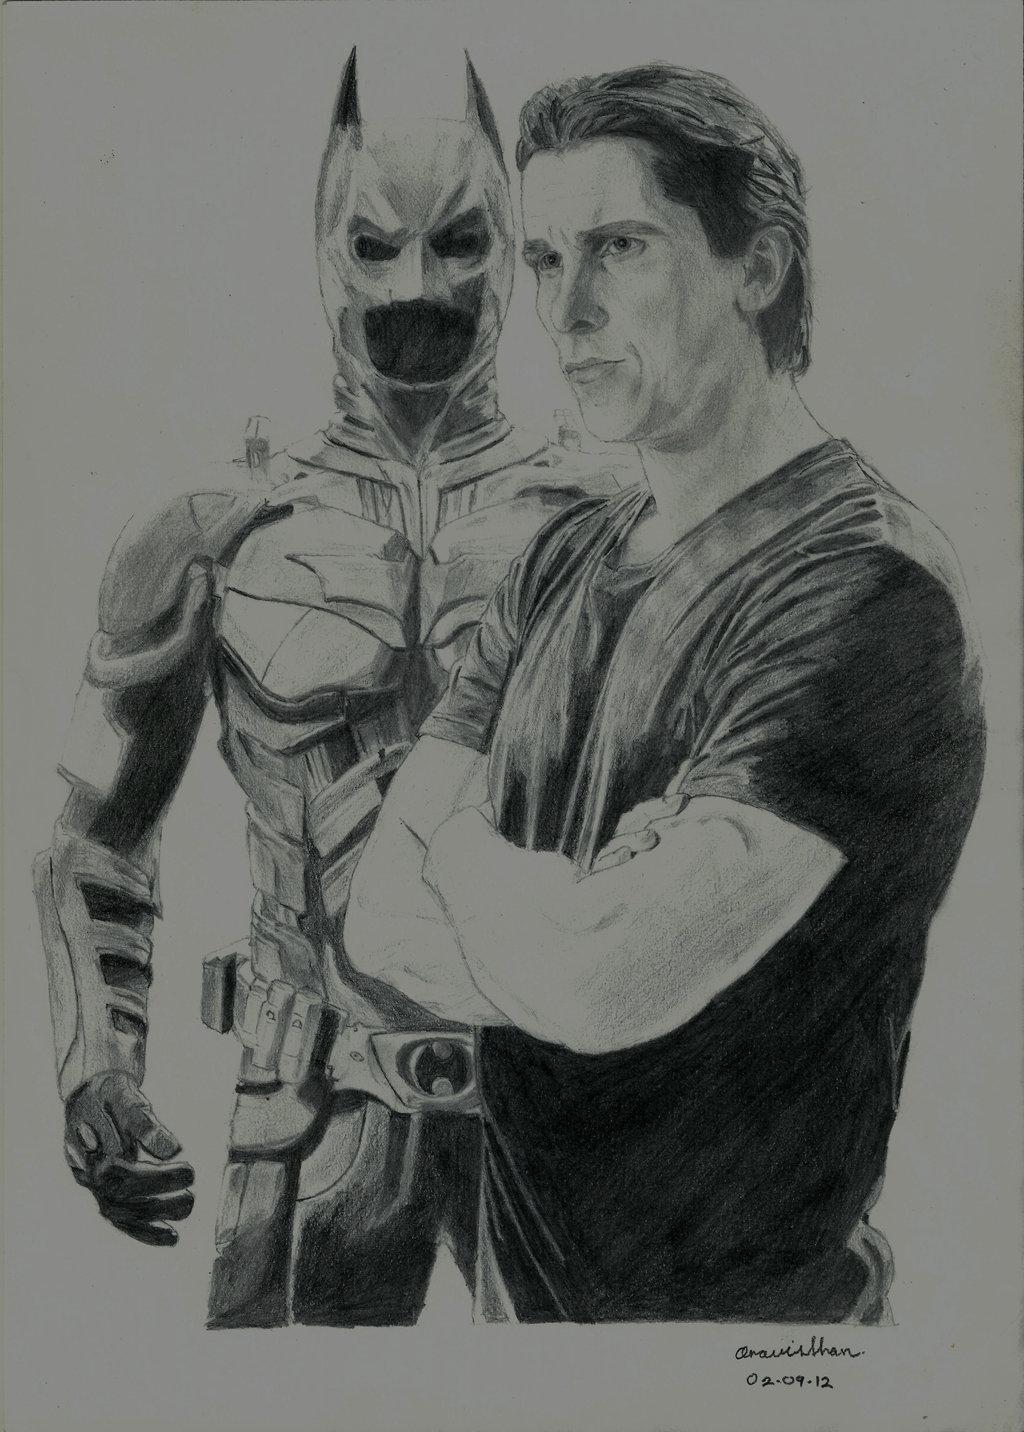 Drawn batman batman dark knight On DeviantArt Dark Batman Batman